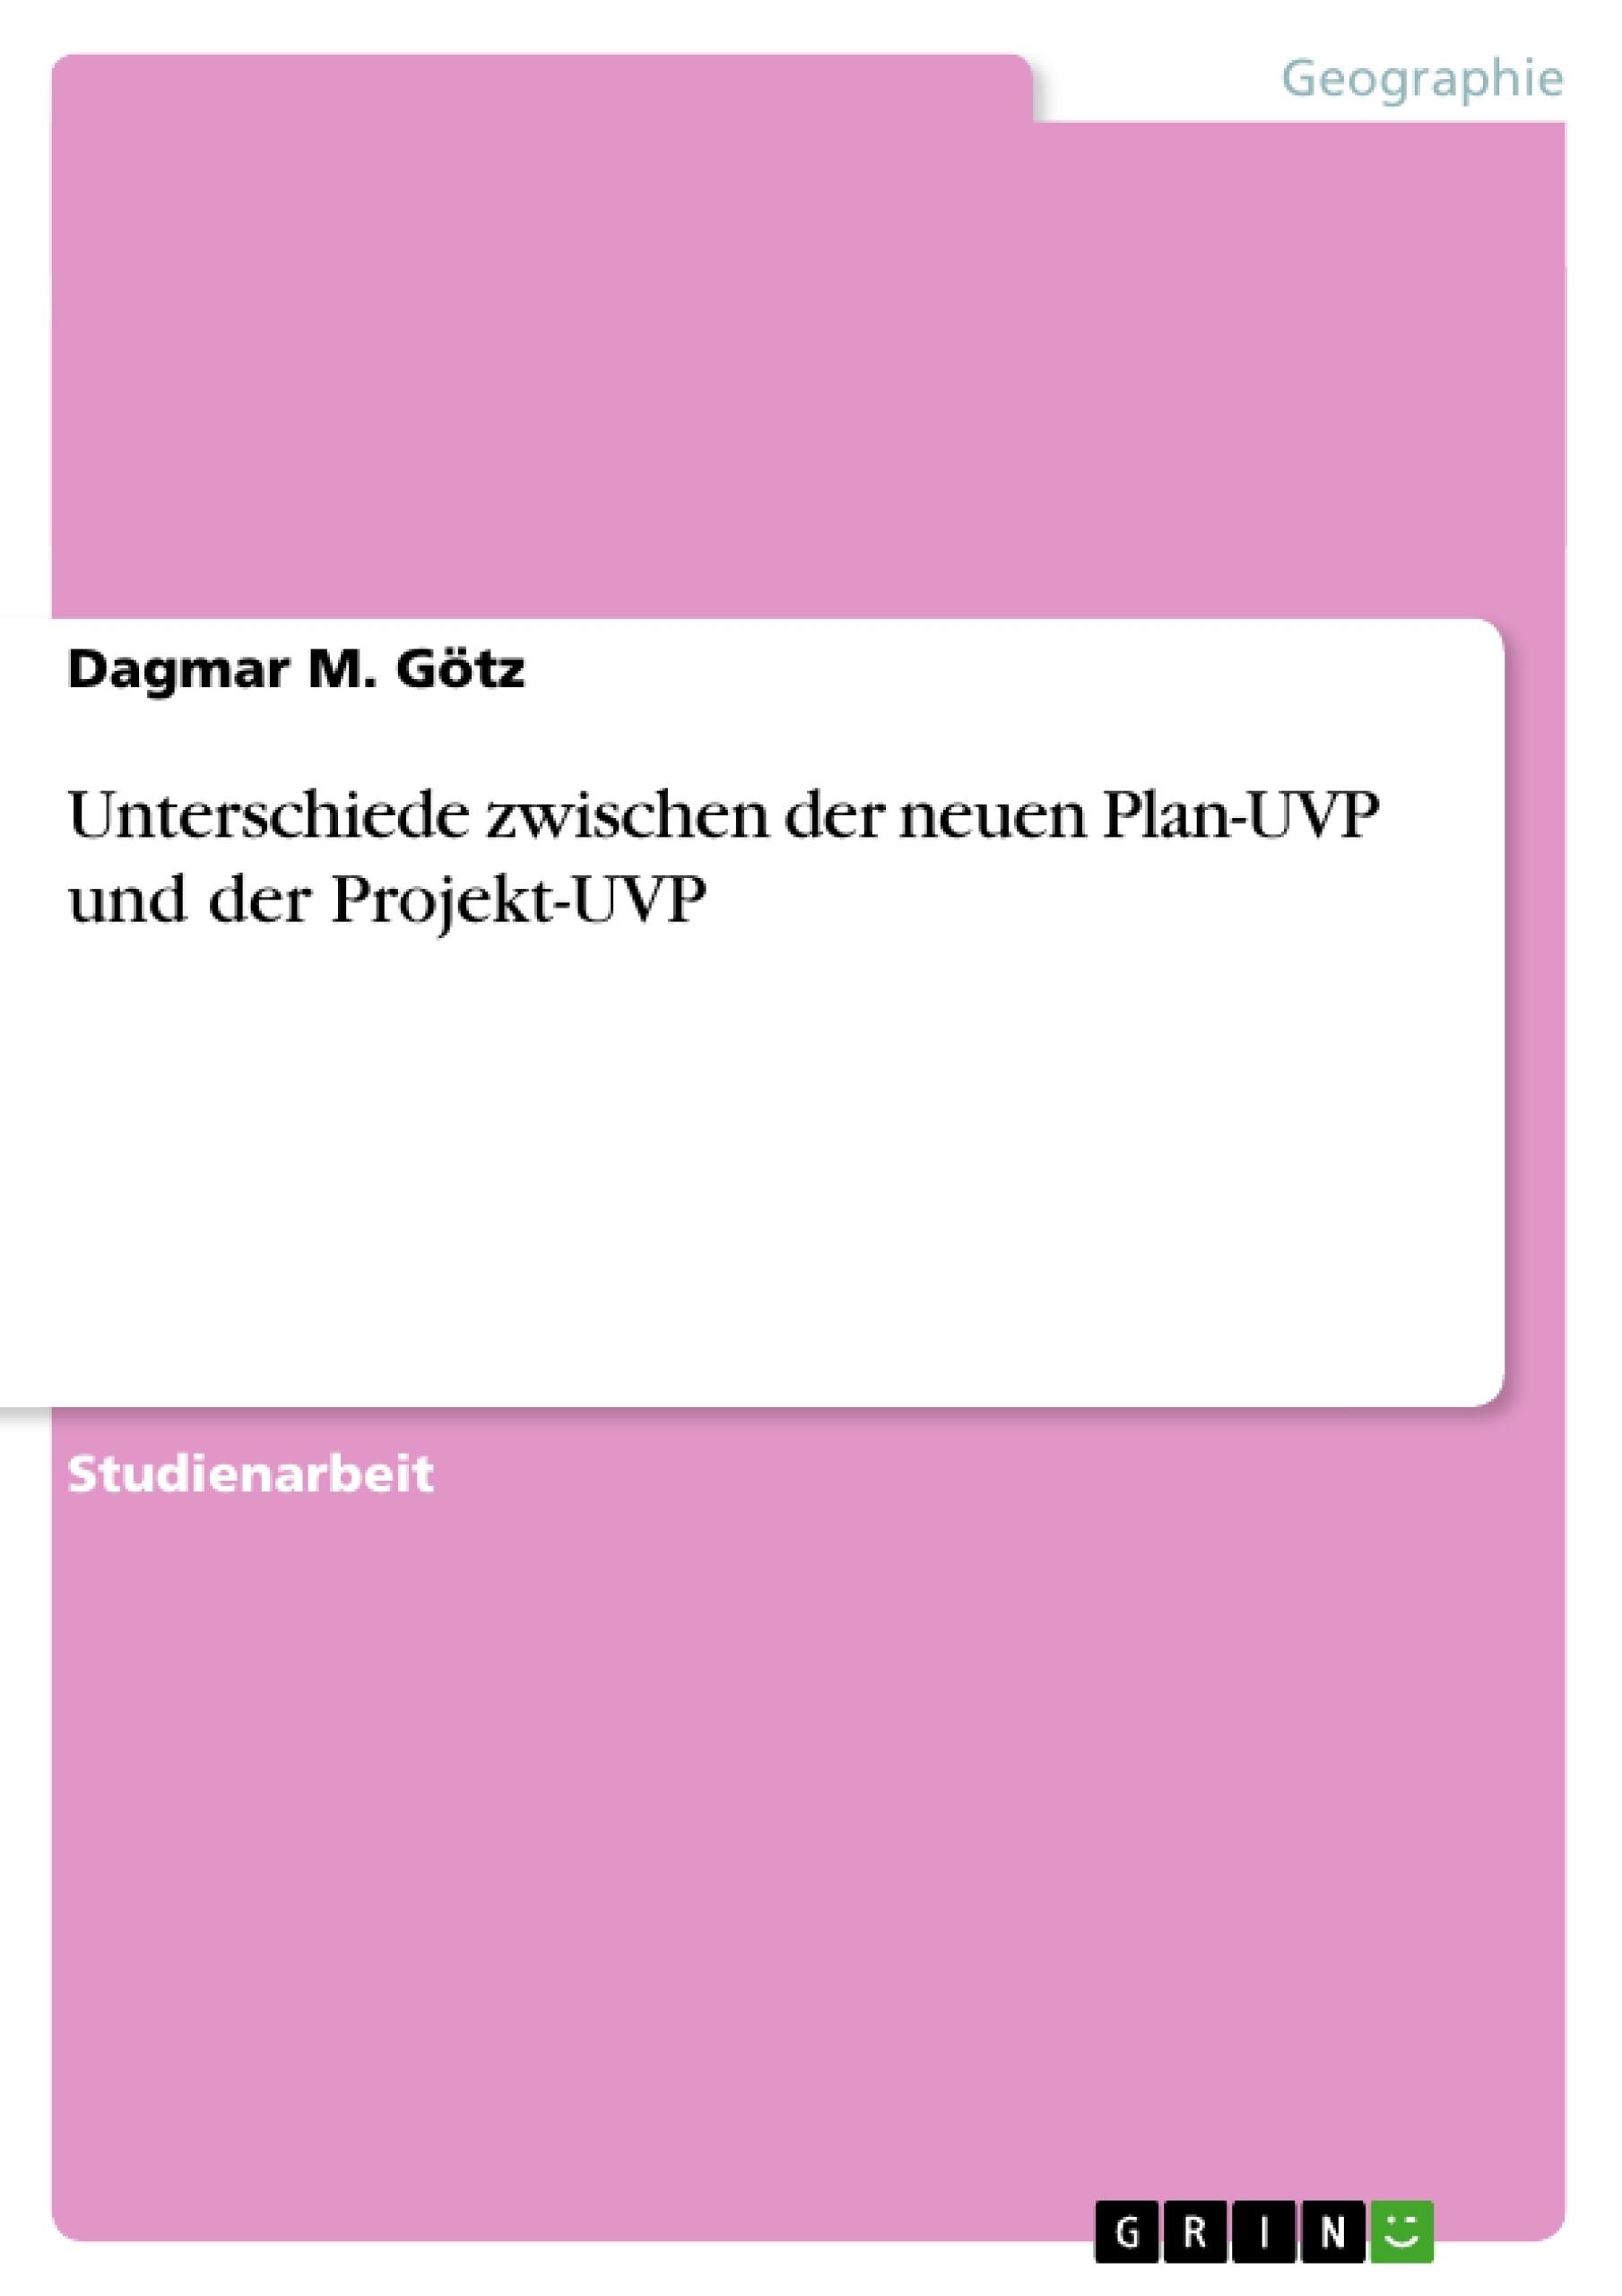 Titel: Unterschiede zwischen der neuen Plan-UVP und der Projekt-UVP